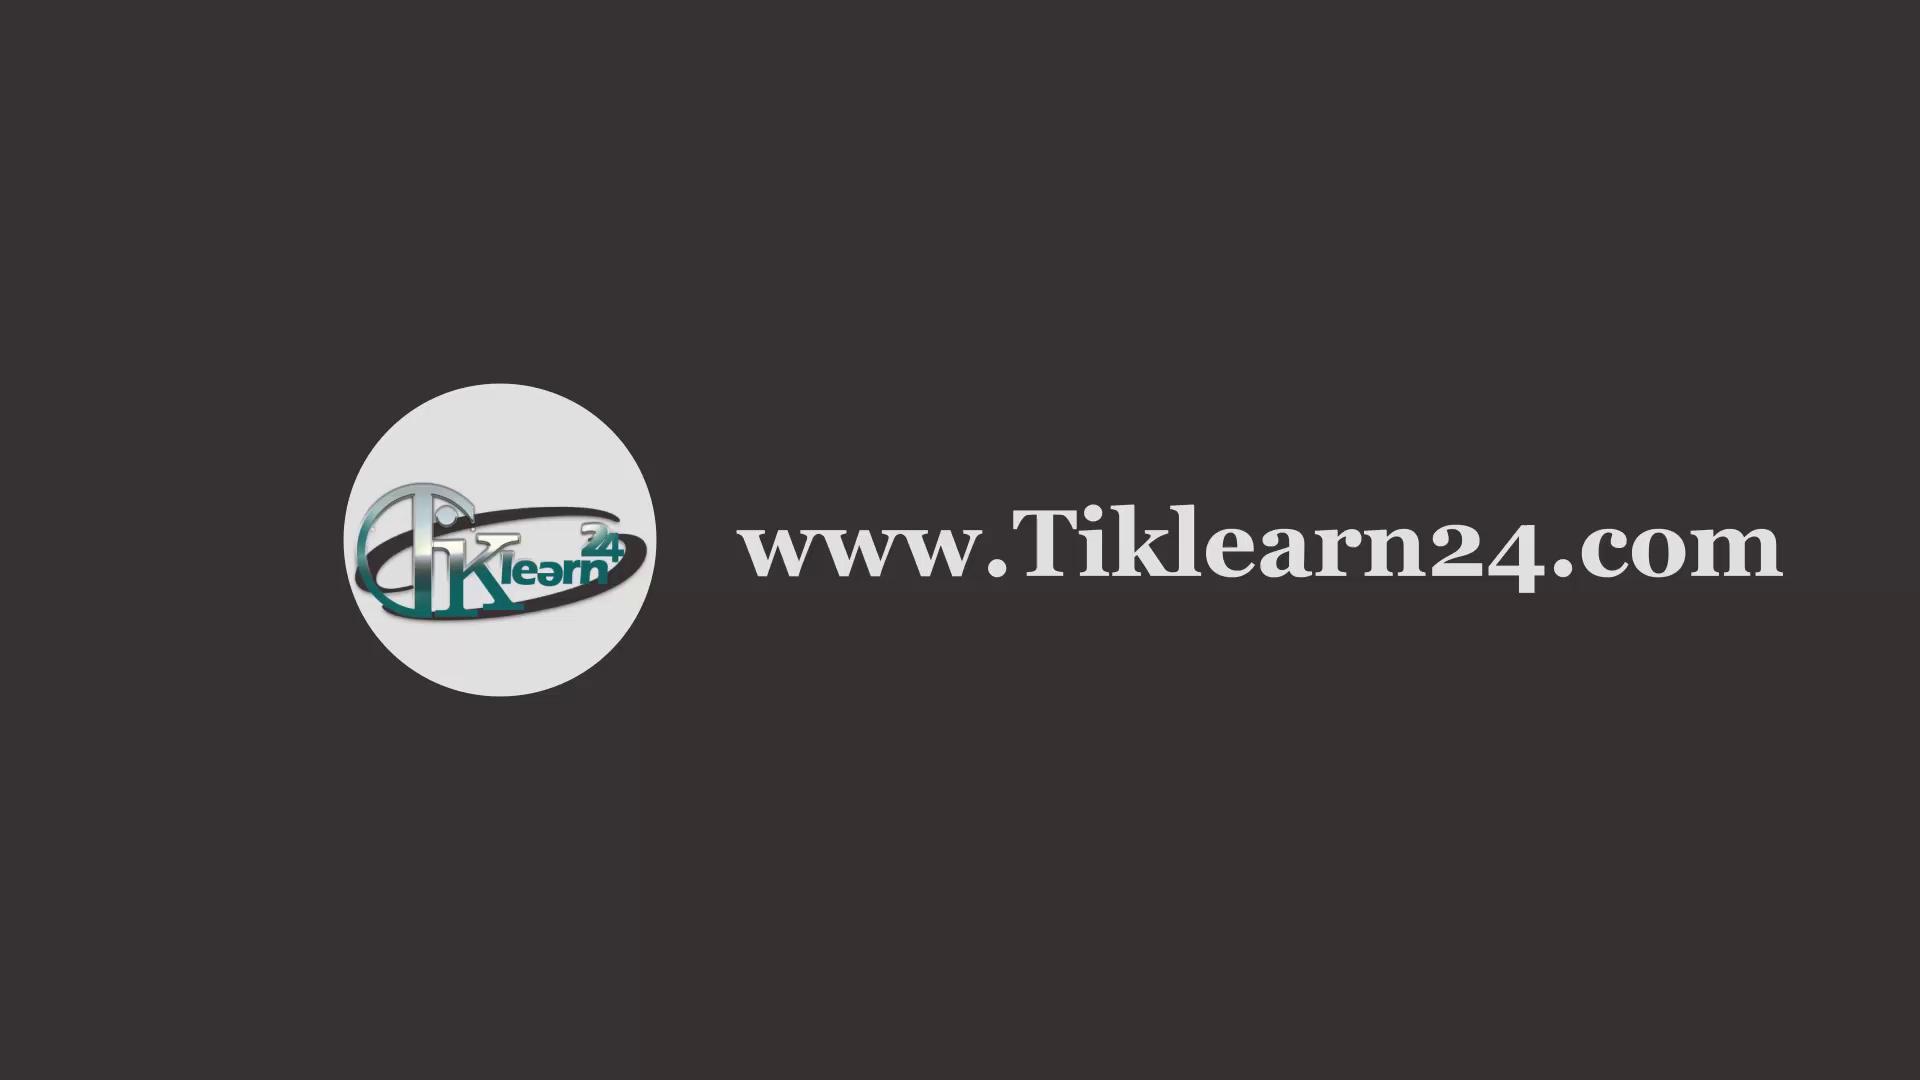 گروه آموزشی زبان انگلیسی تیک لرن24